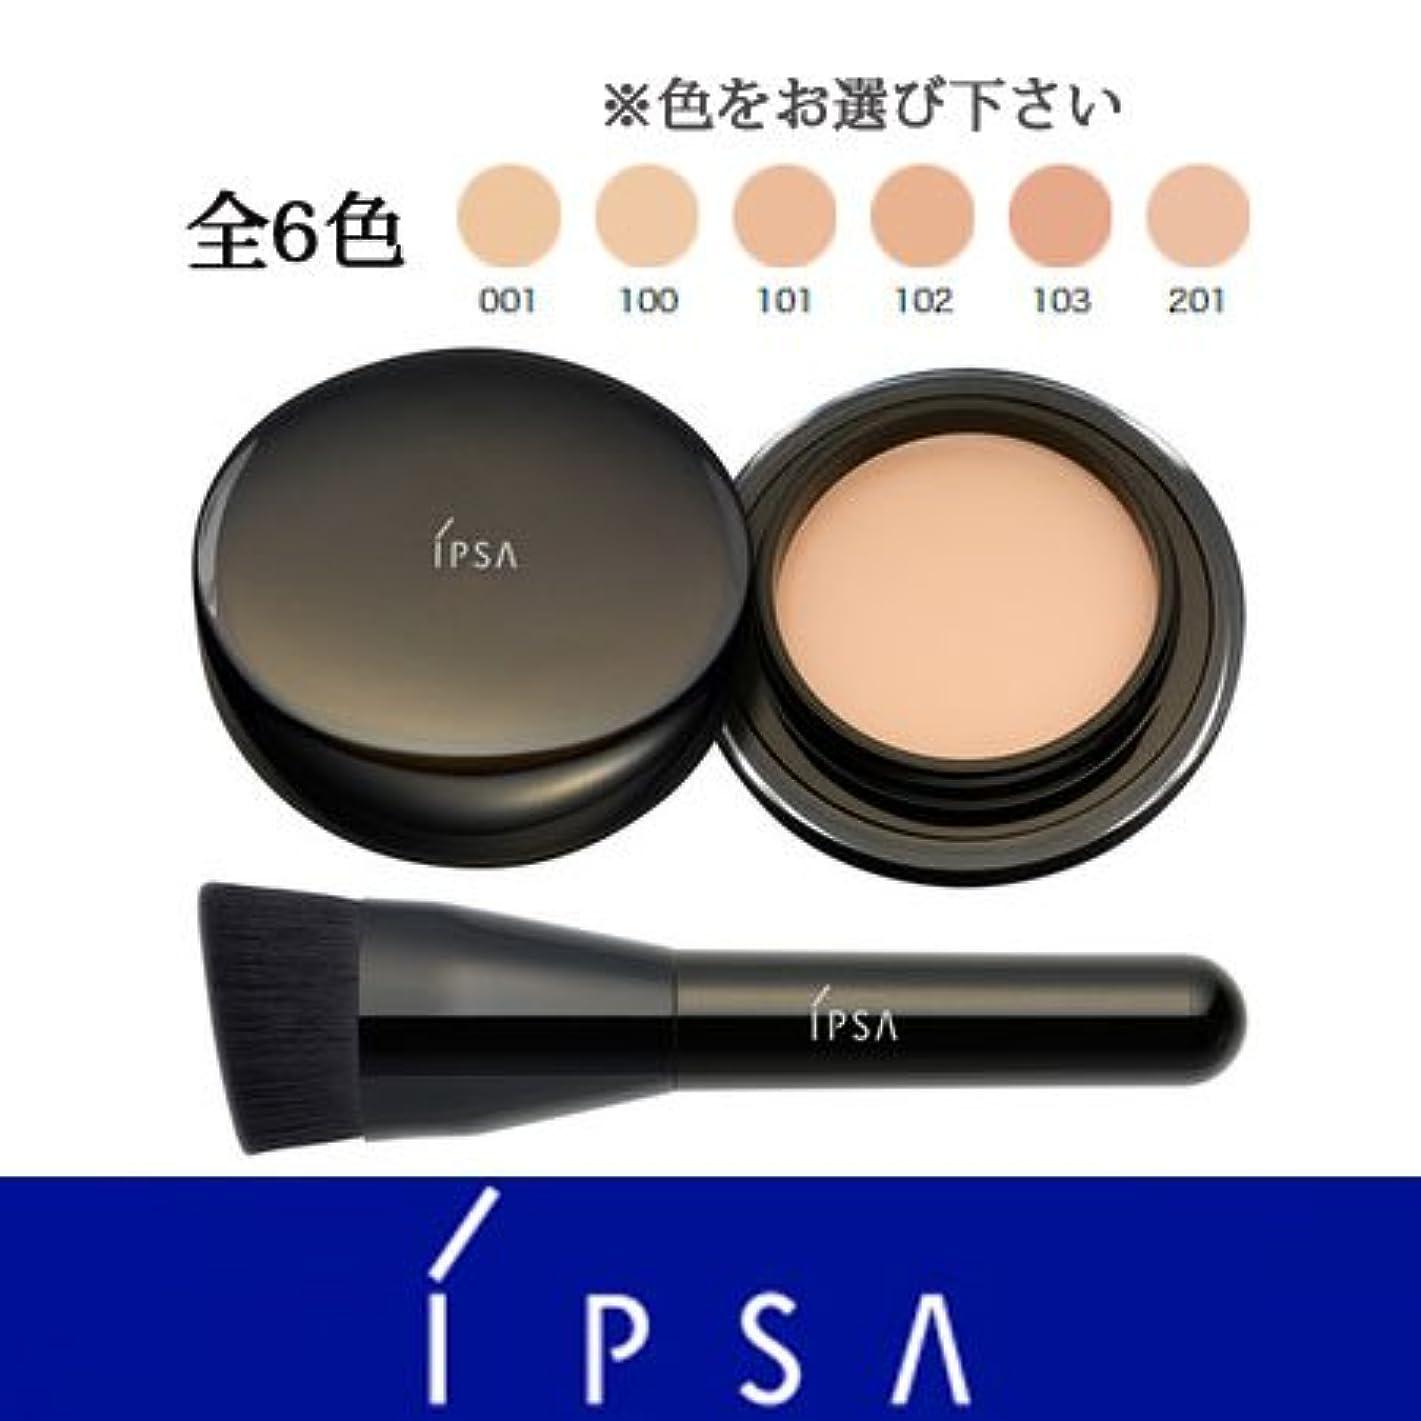 雄弁な基礎理論亜熱帯イプサ ファウンデイション アルティメイト 全6色 -IPSA- 100